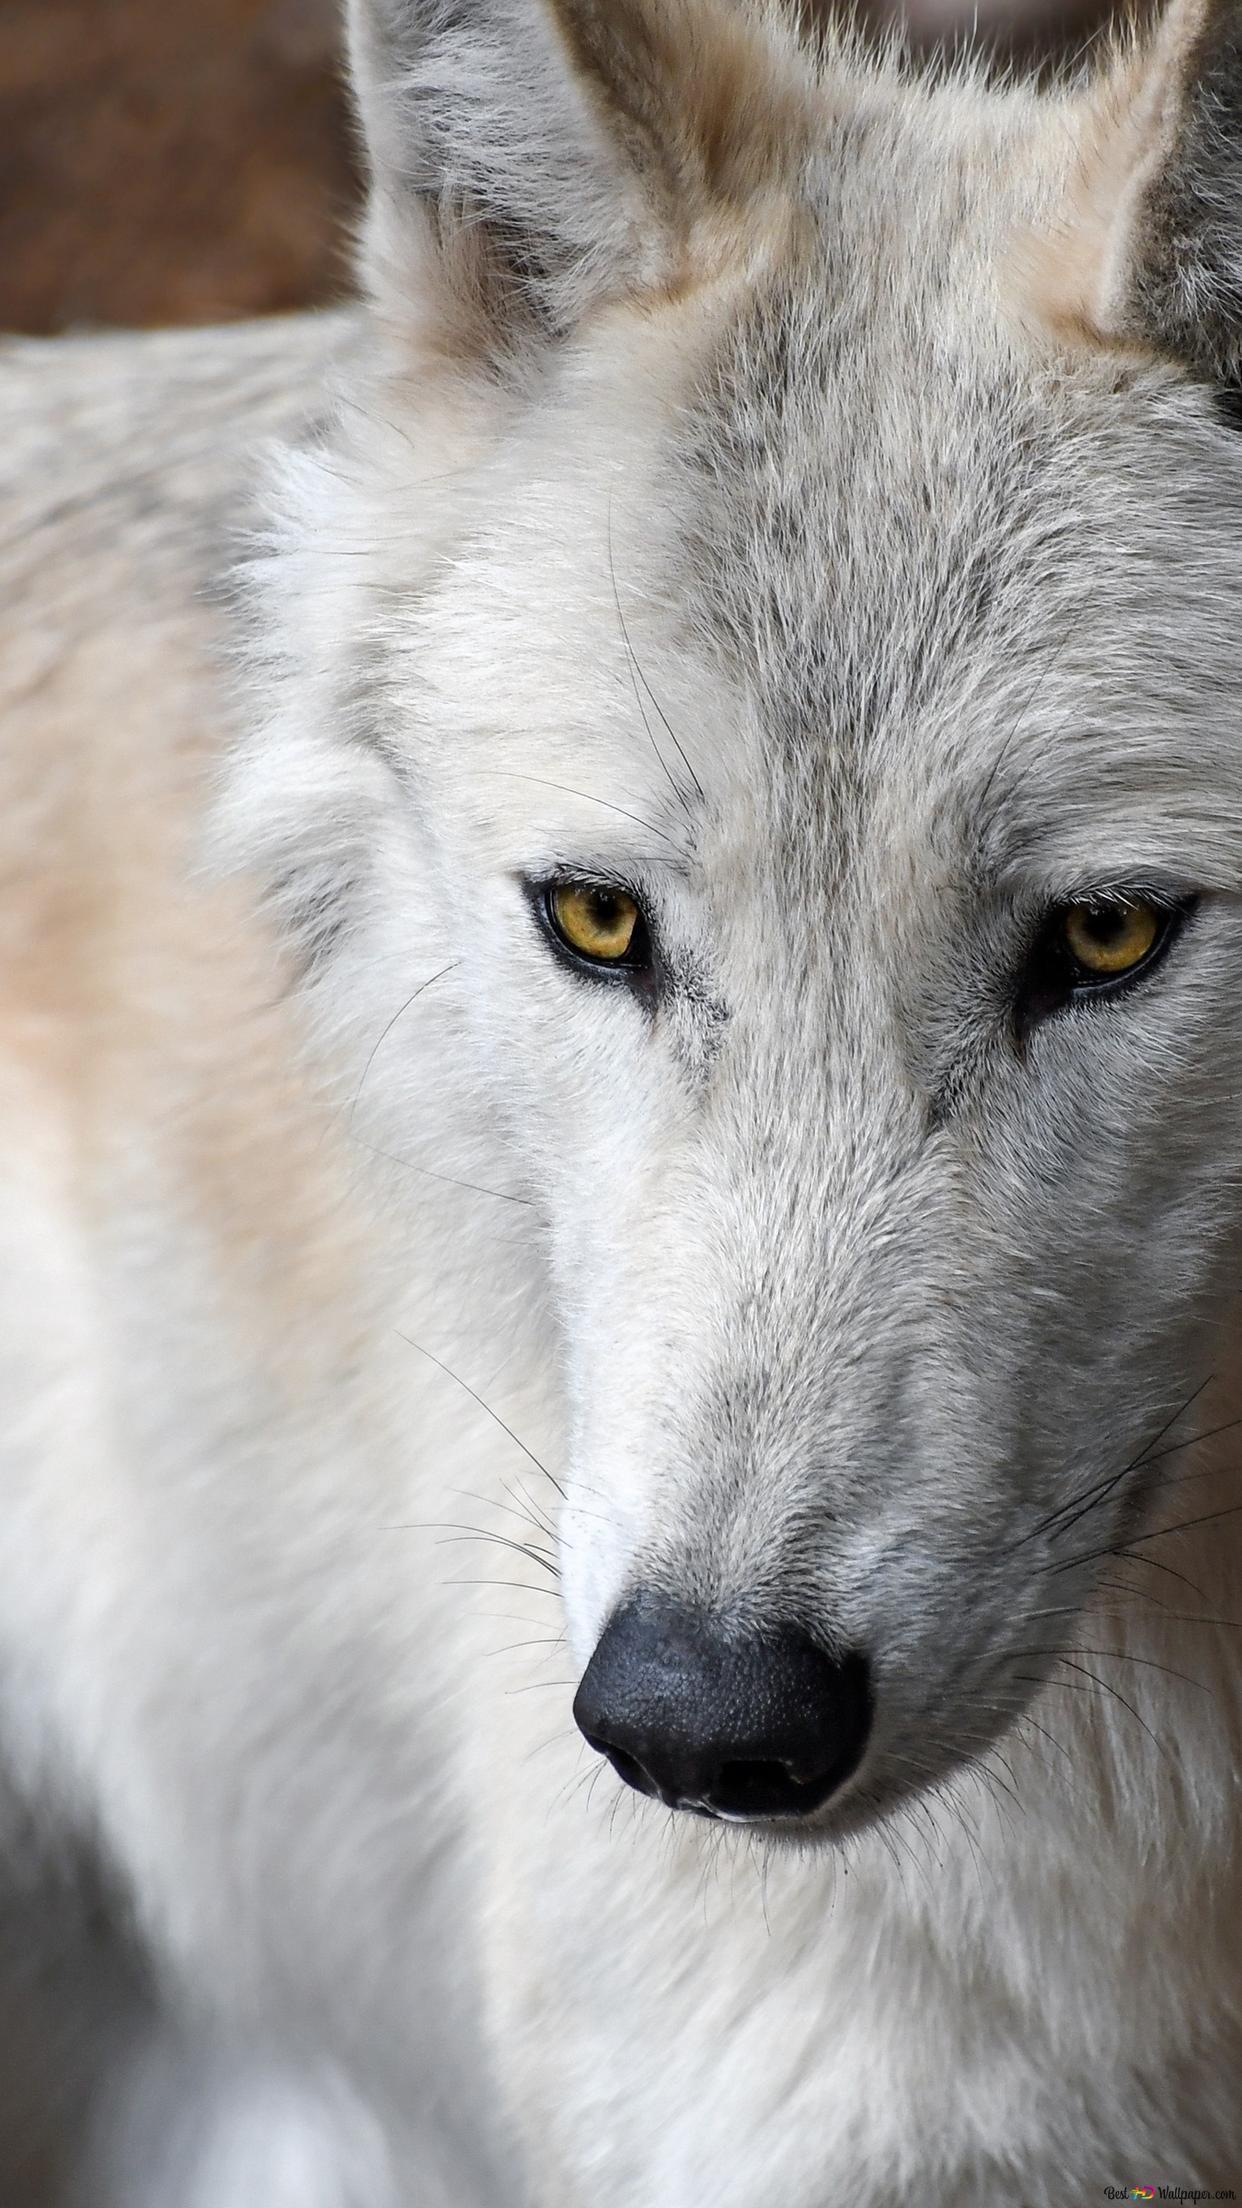 白いオオカミ Hd壁紙のダウンロード